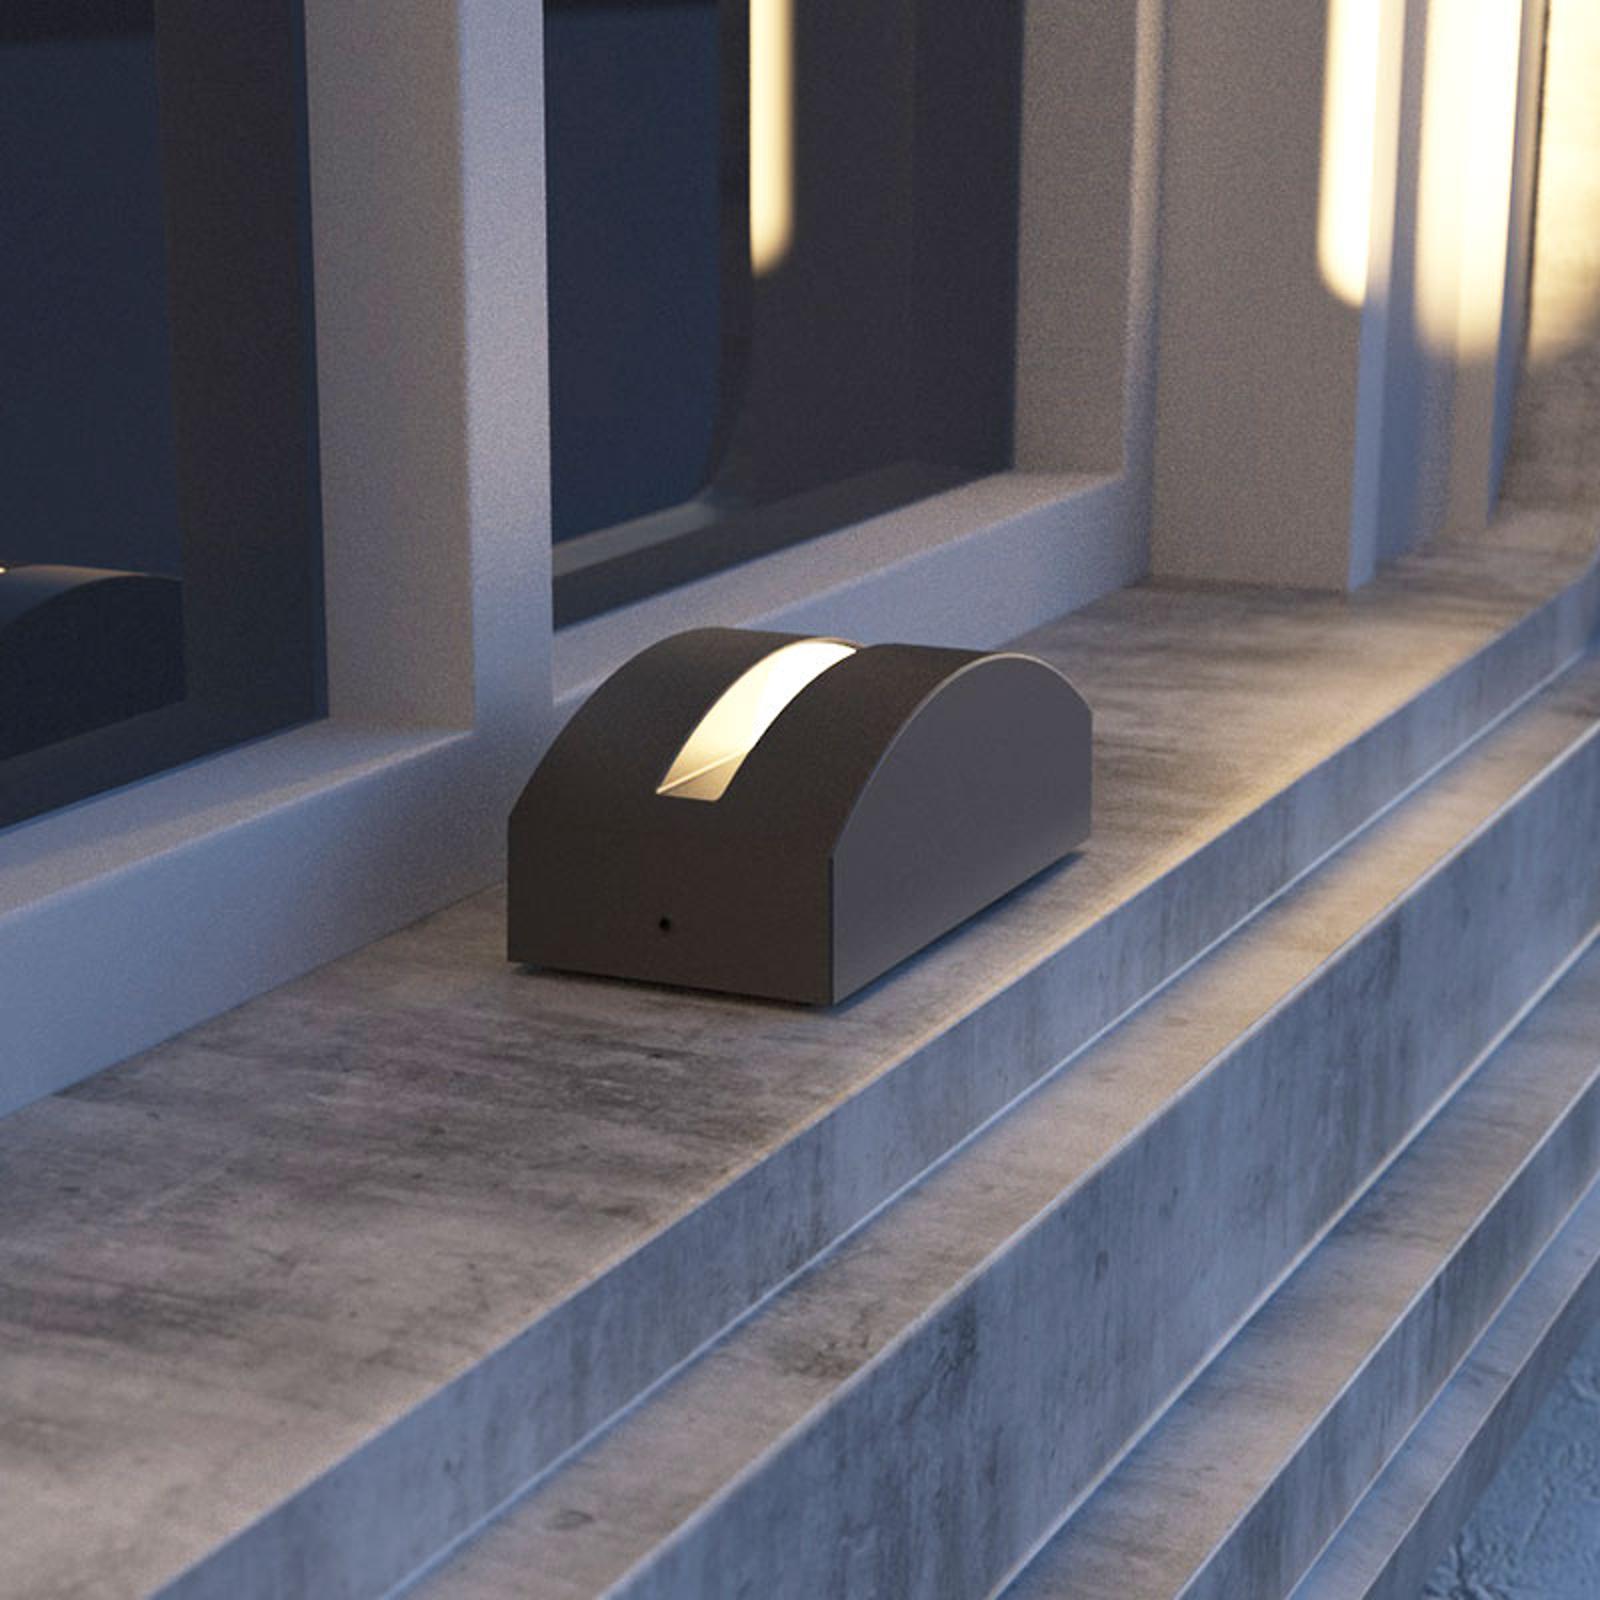 Lampada LED da esterno Marka, alluminio grigio